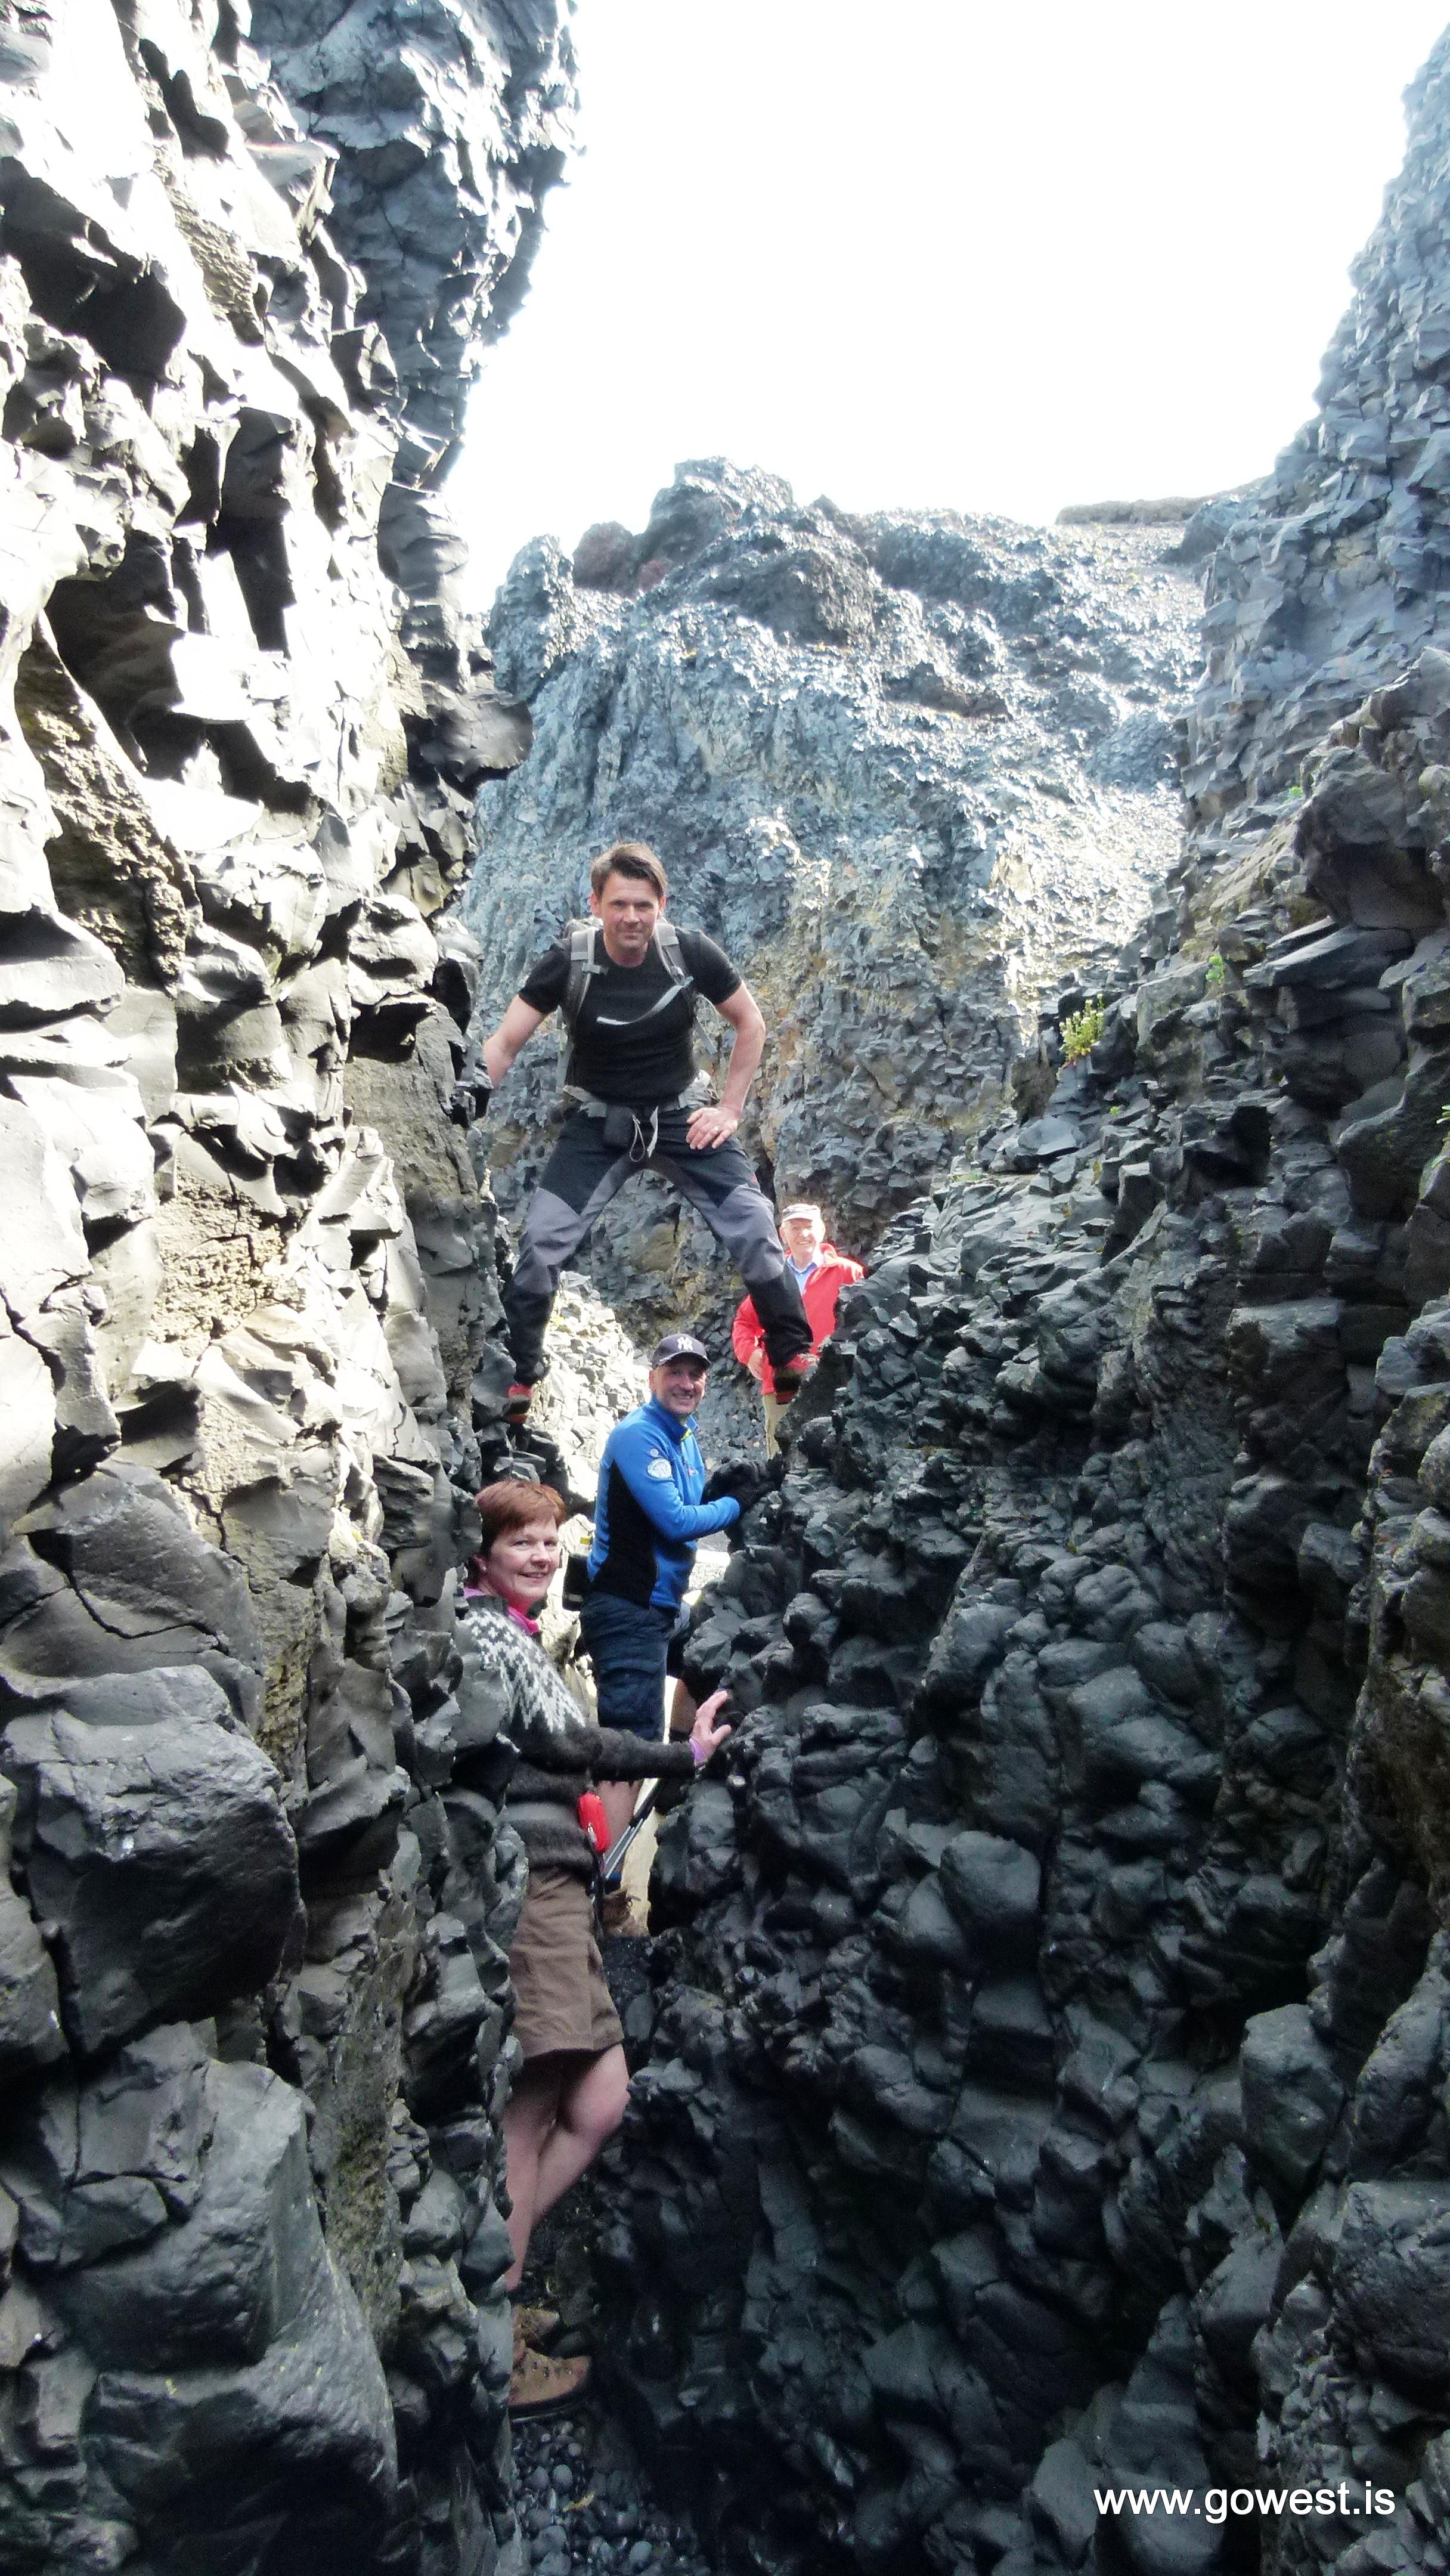 033-The Hike 2013 (6).JPG